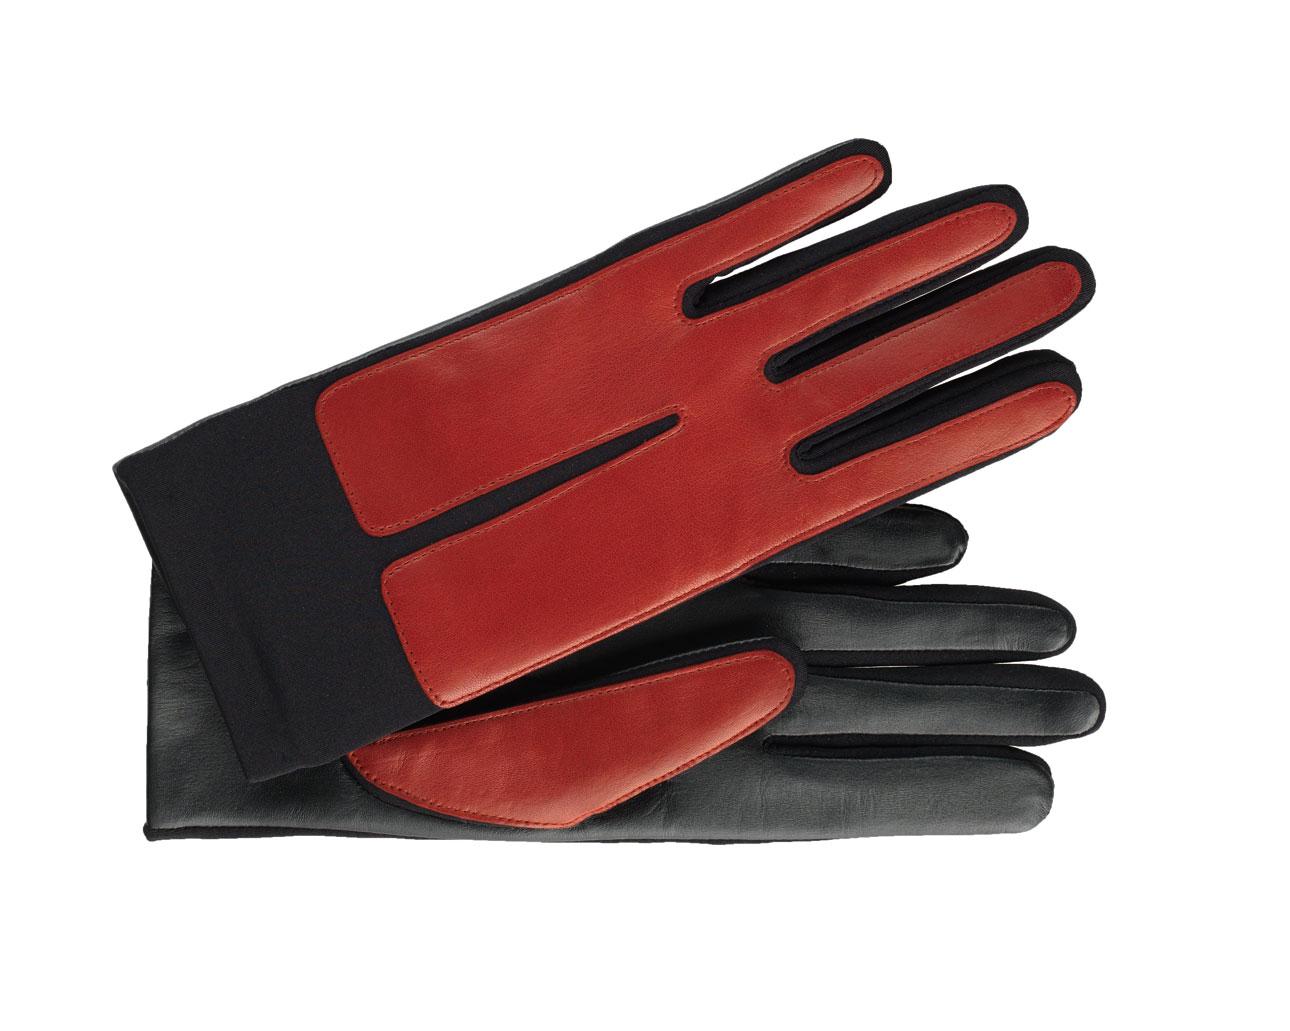 trendige touch handschuhe f r damen von roeckl in rot damenhandschuhe handschuhe damen. Black Bedroom Furniture Sets. Home Design Ideas